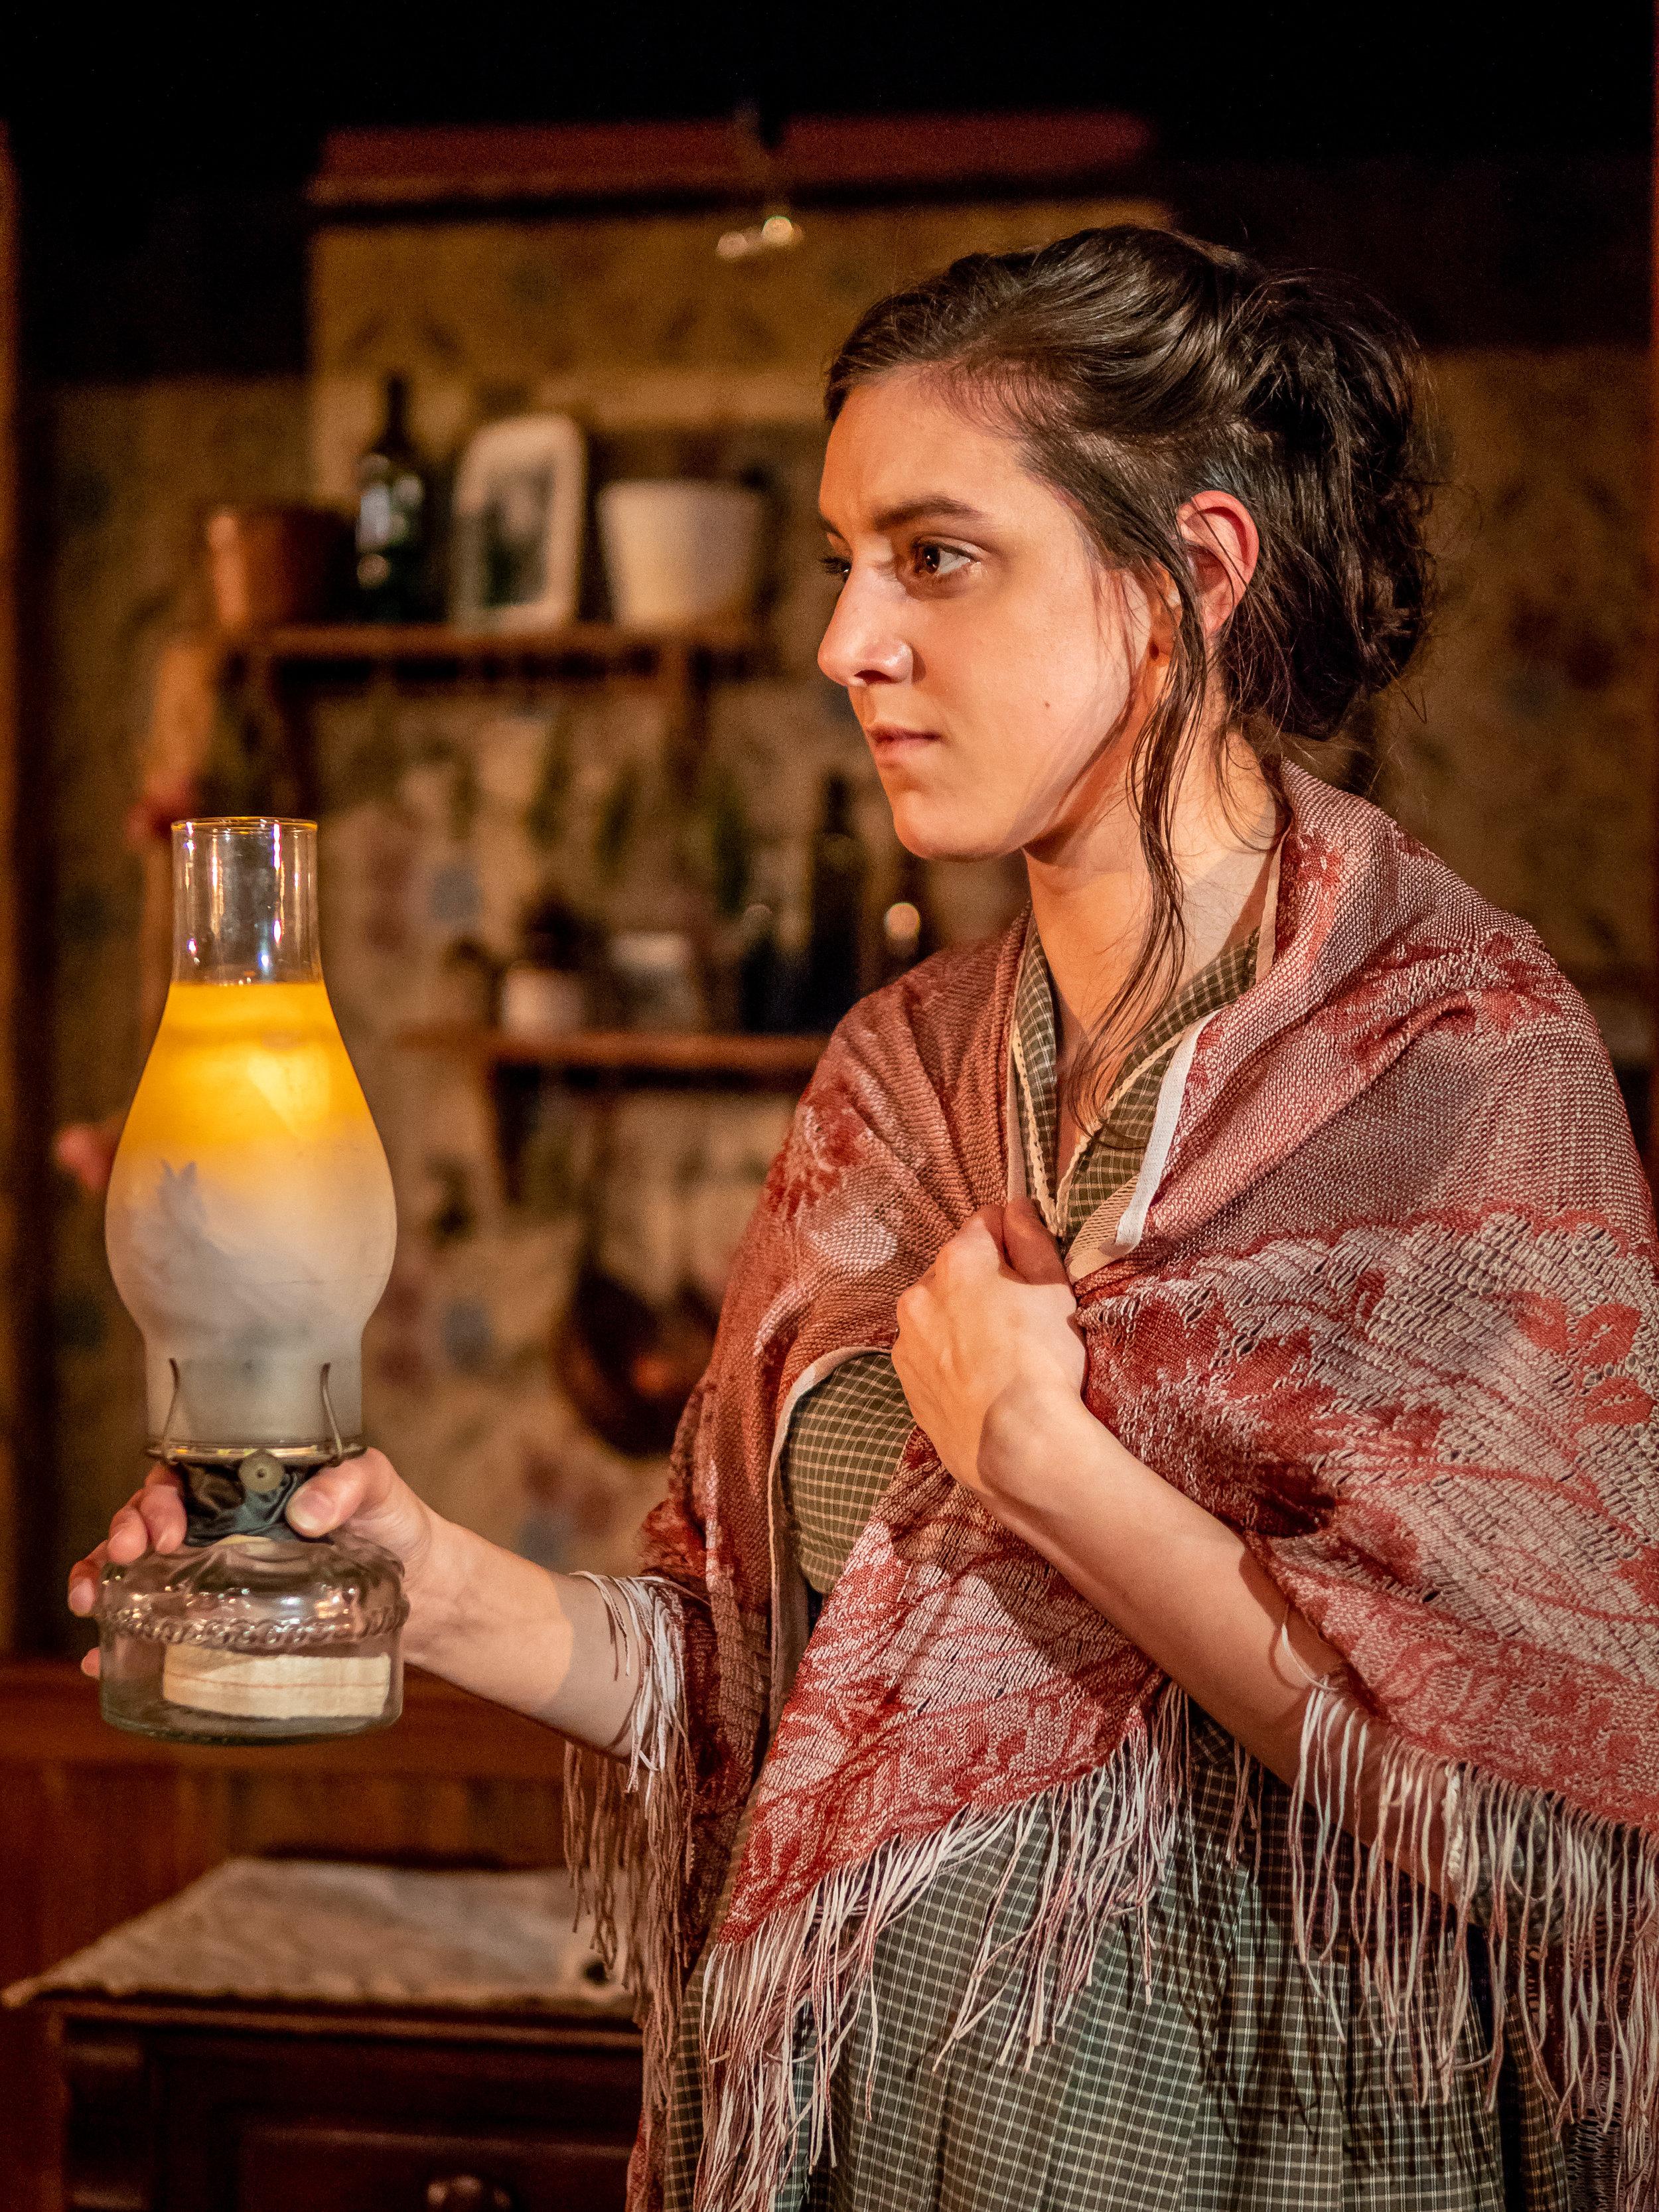 Ewa holds candle black tom.jpg